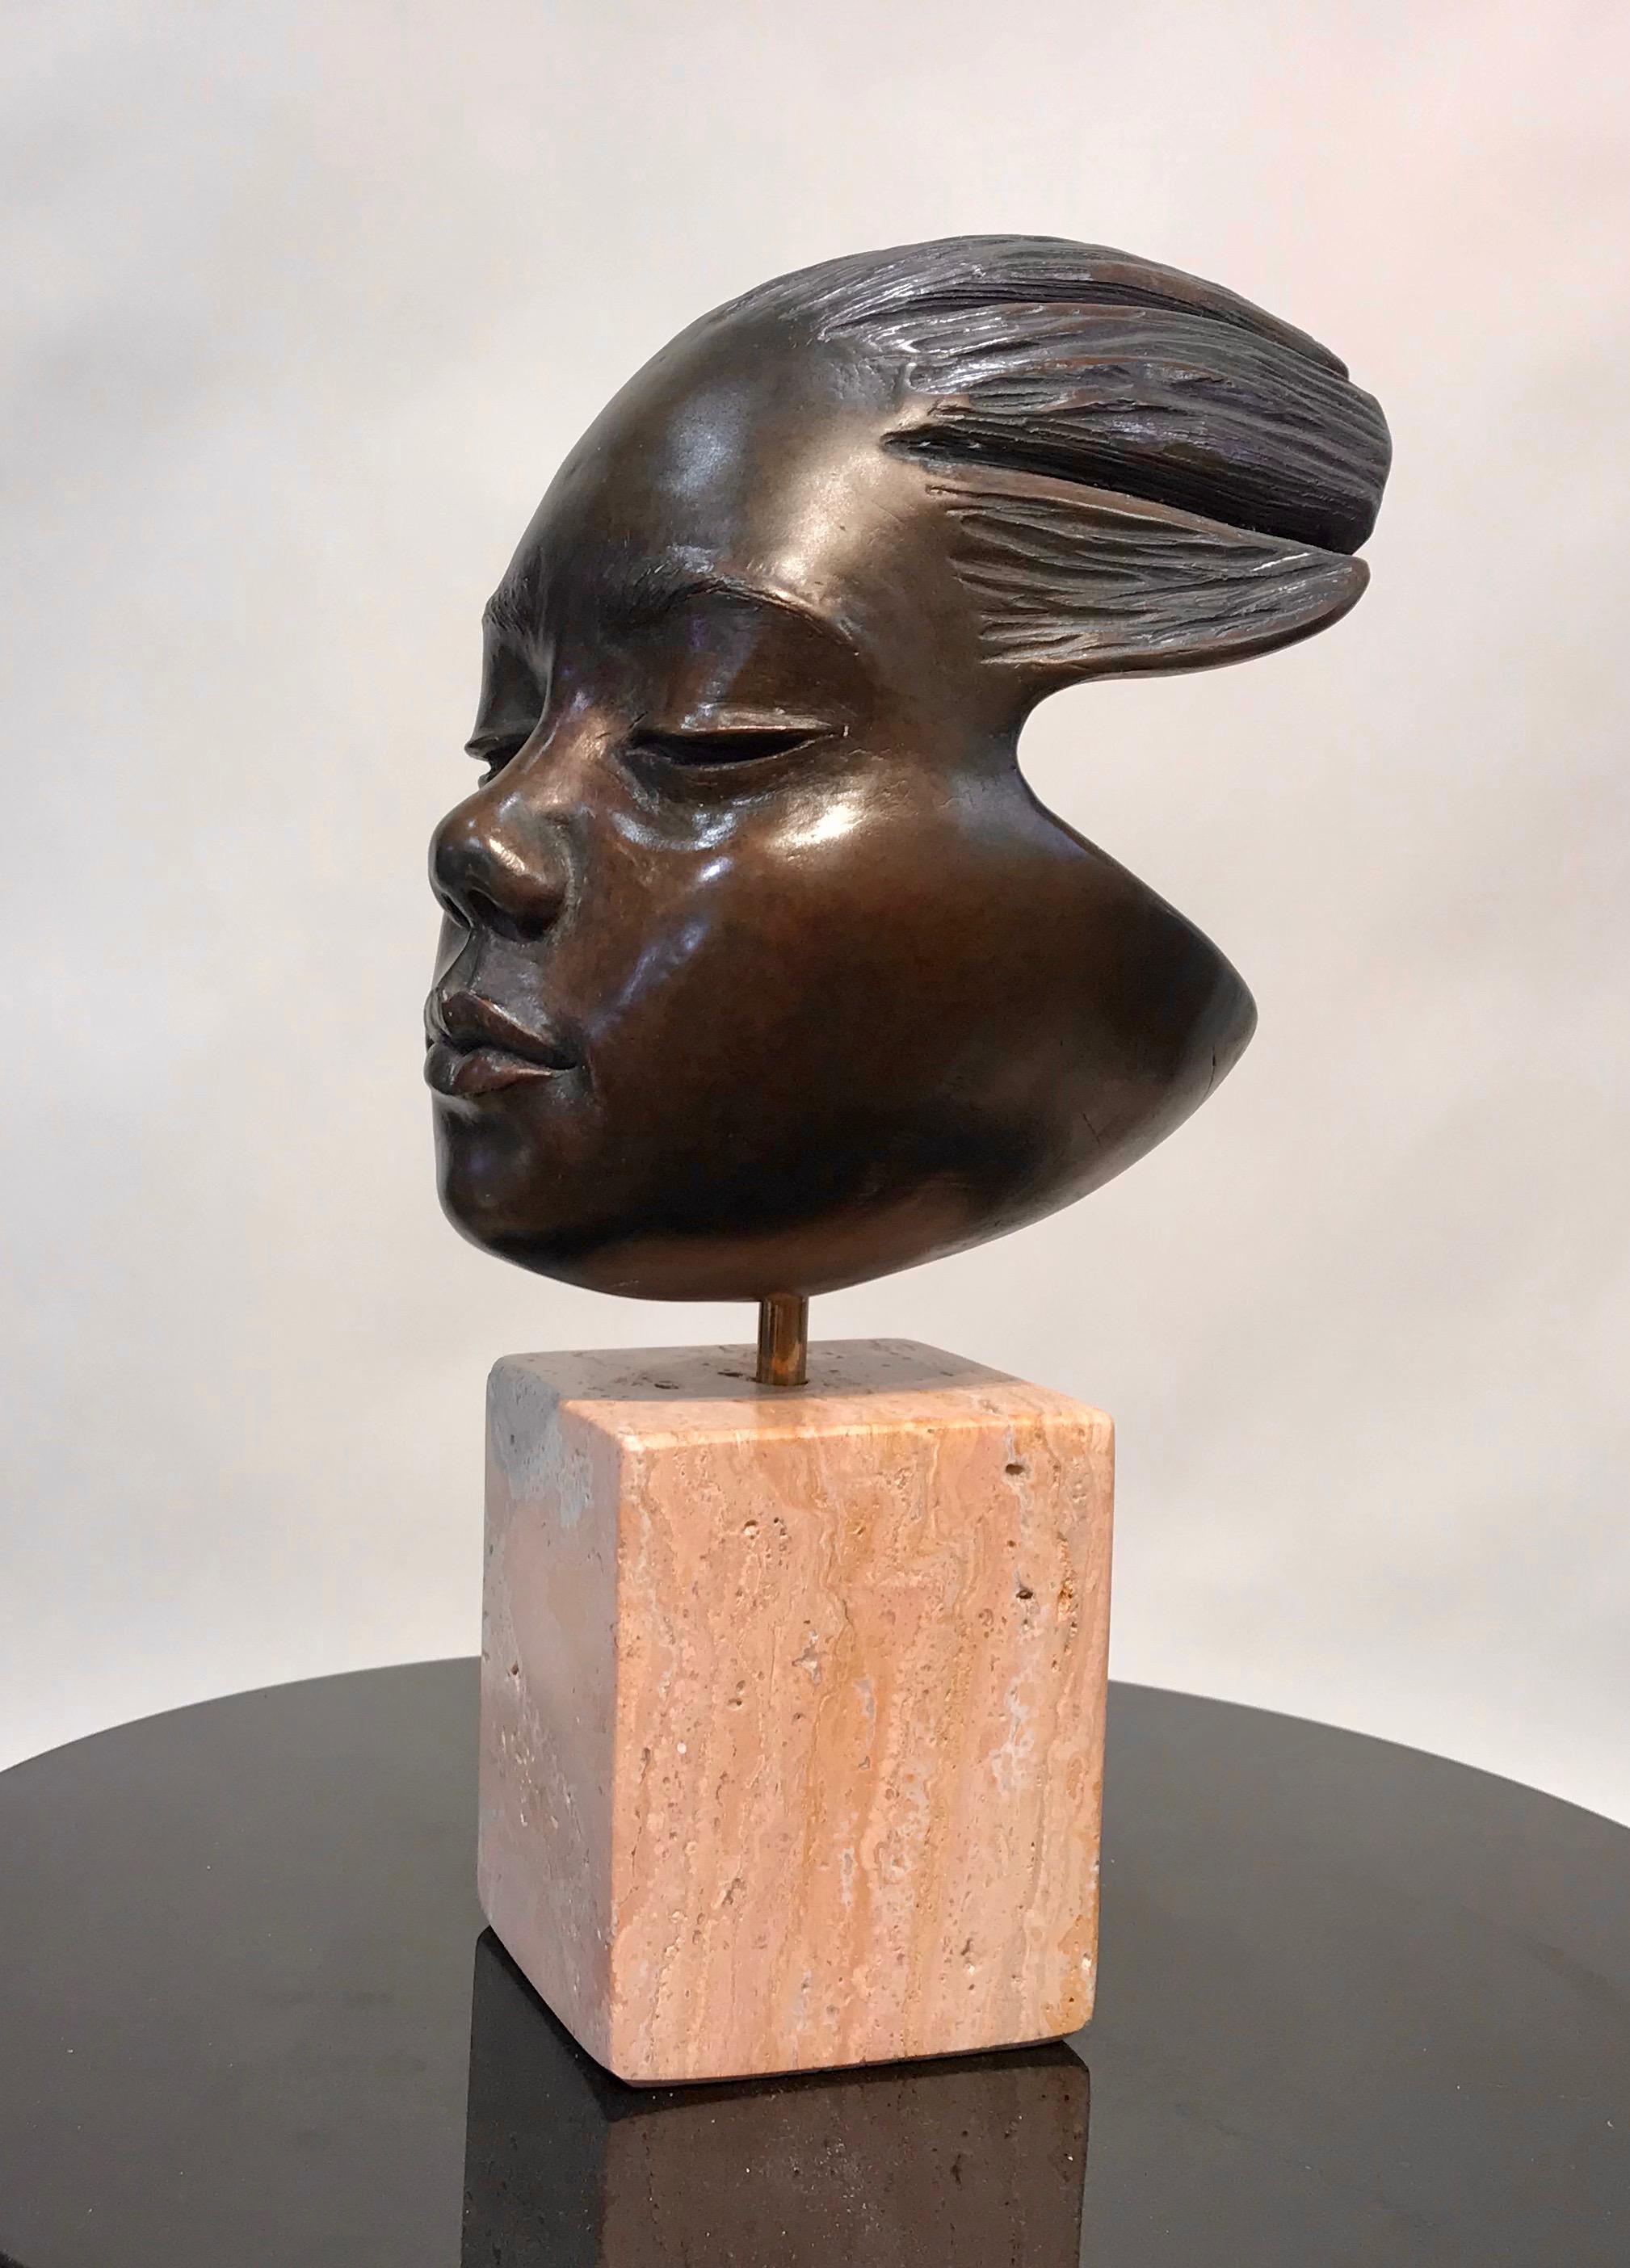 Listening, bronze sculpture, portrait of child, travertine base, contemporary